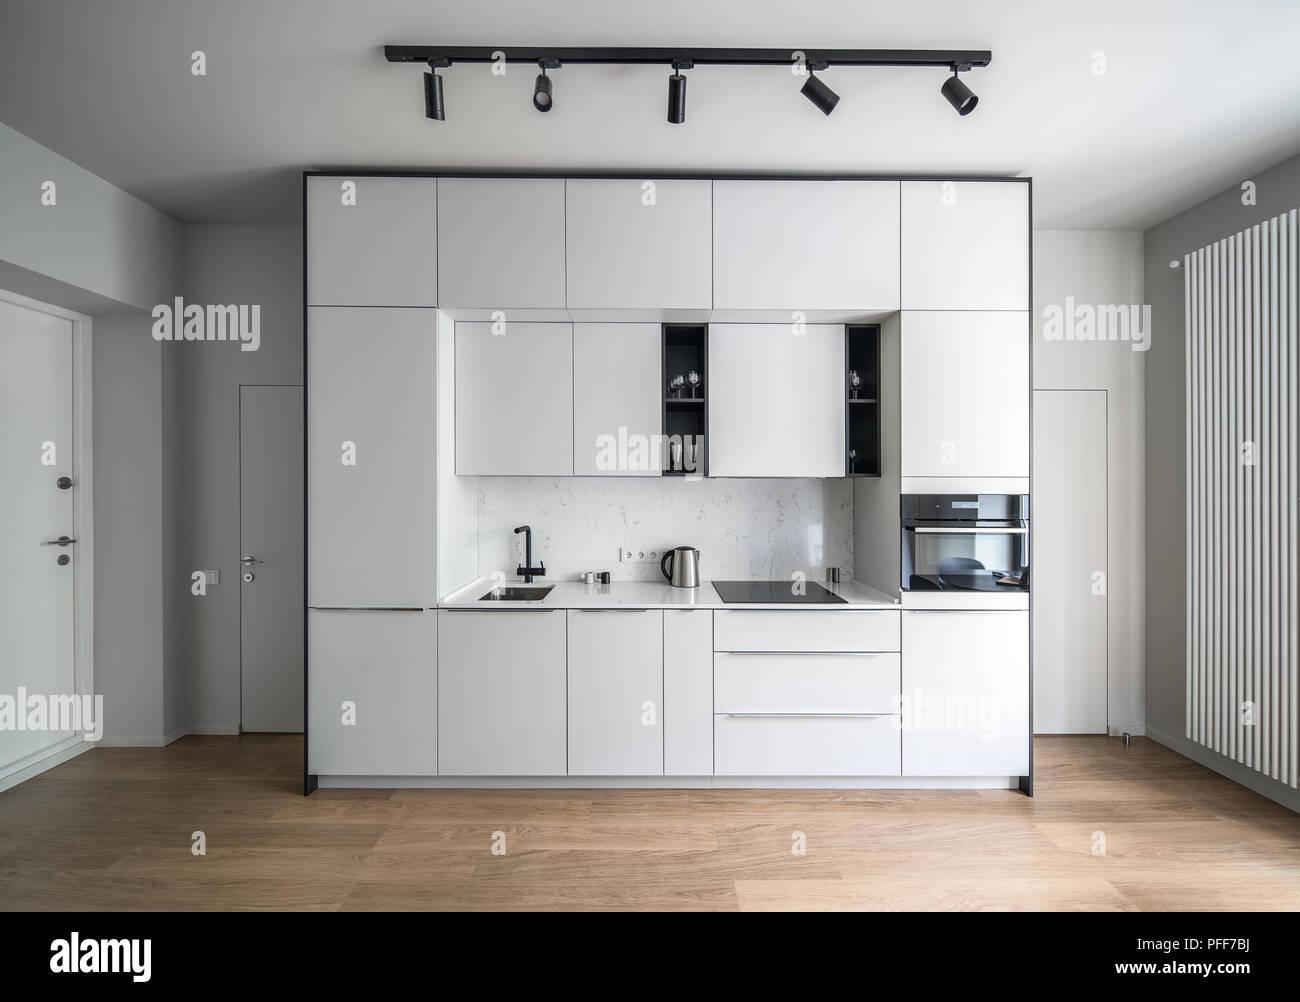 Fußboden Küche Parkett ~ Stilvolle küche in einem modernen stil mit hellen wänden und einem